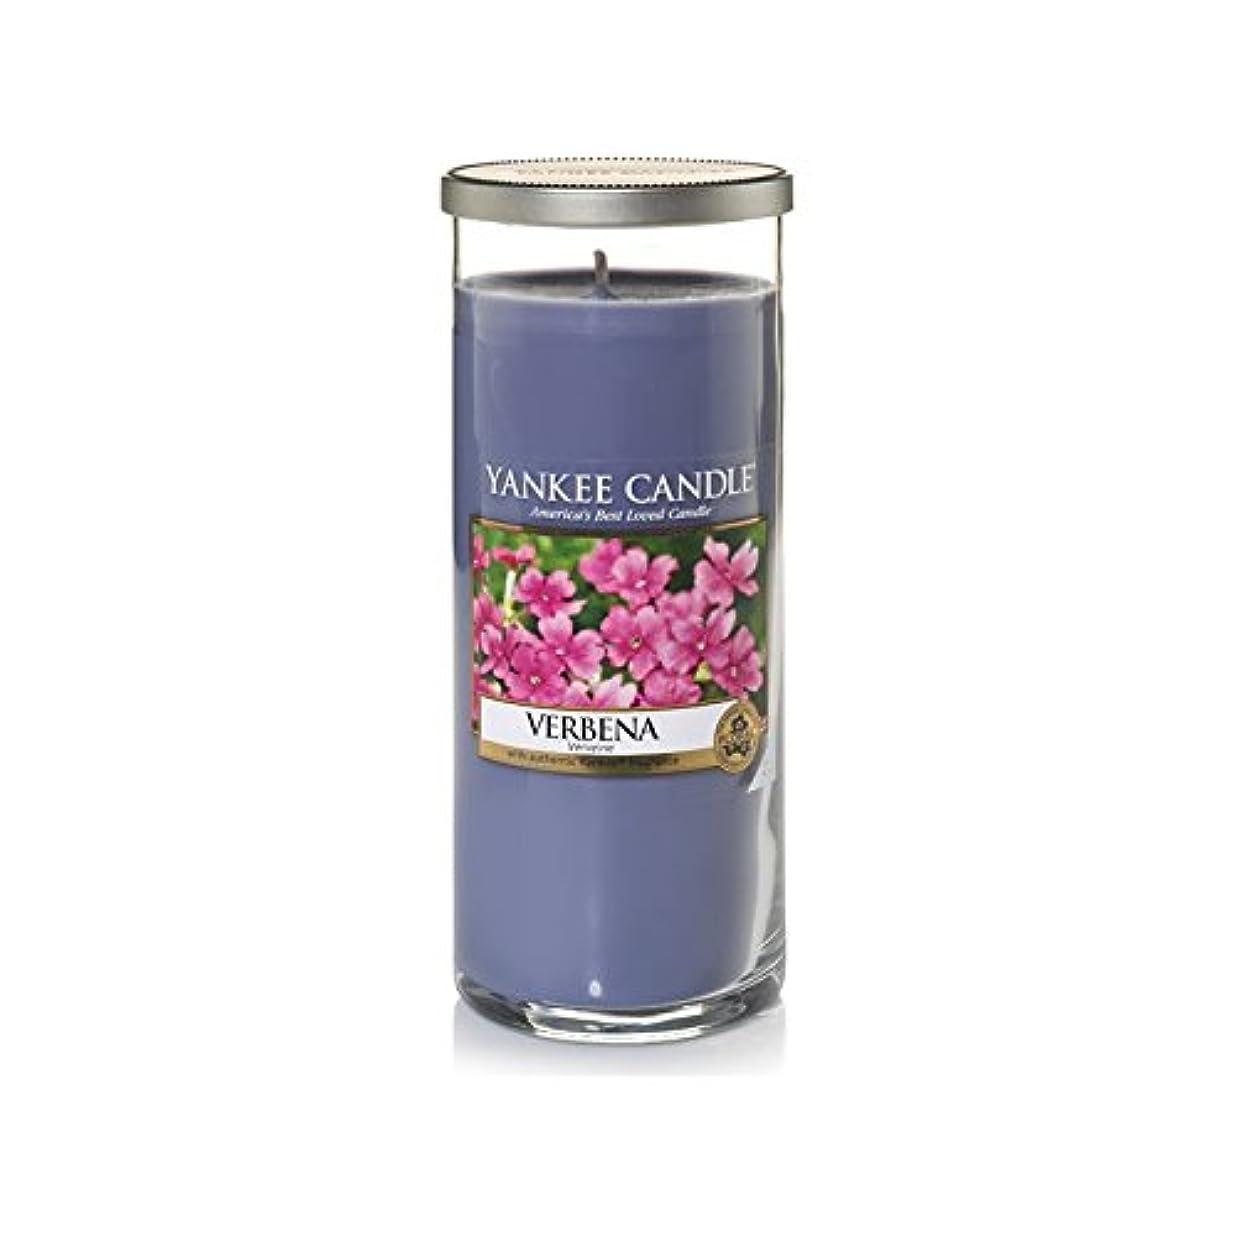 ベンチ止まる生きるYankee Candles Large Pillar Candle - Verbena (Pack of 6) - ヤンキーキャンドル大きな柱キャンドル - バーベナ (x6) [並行輸入品]